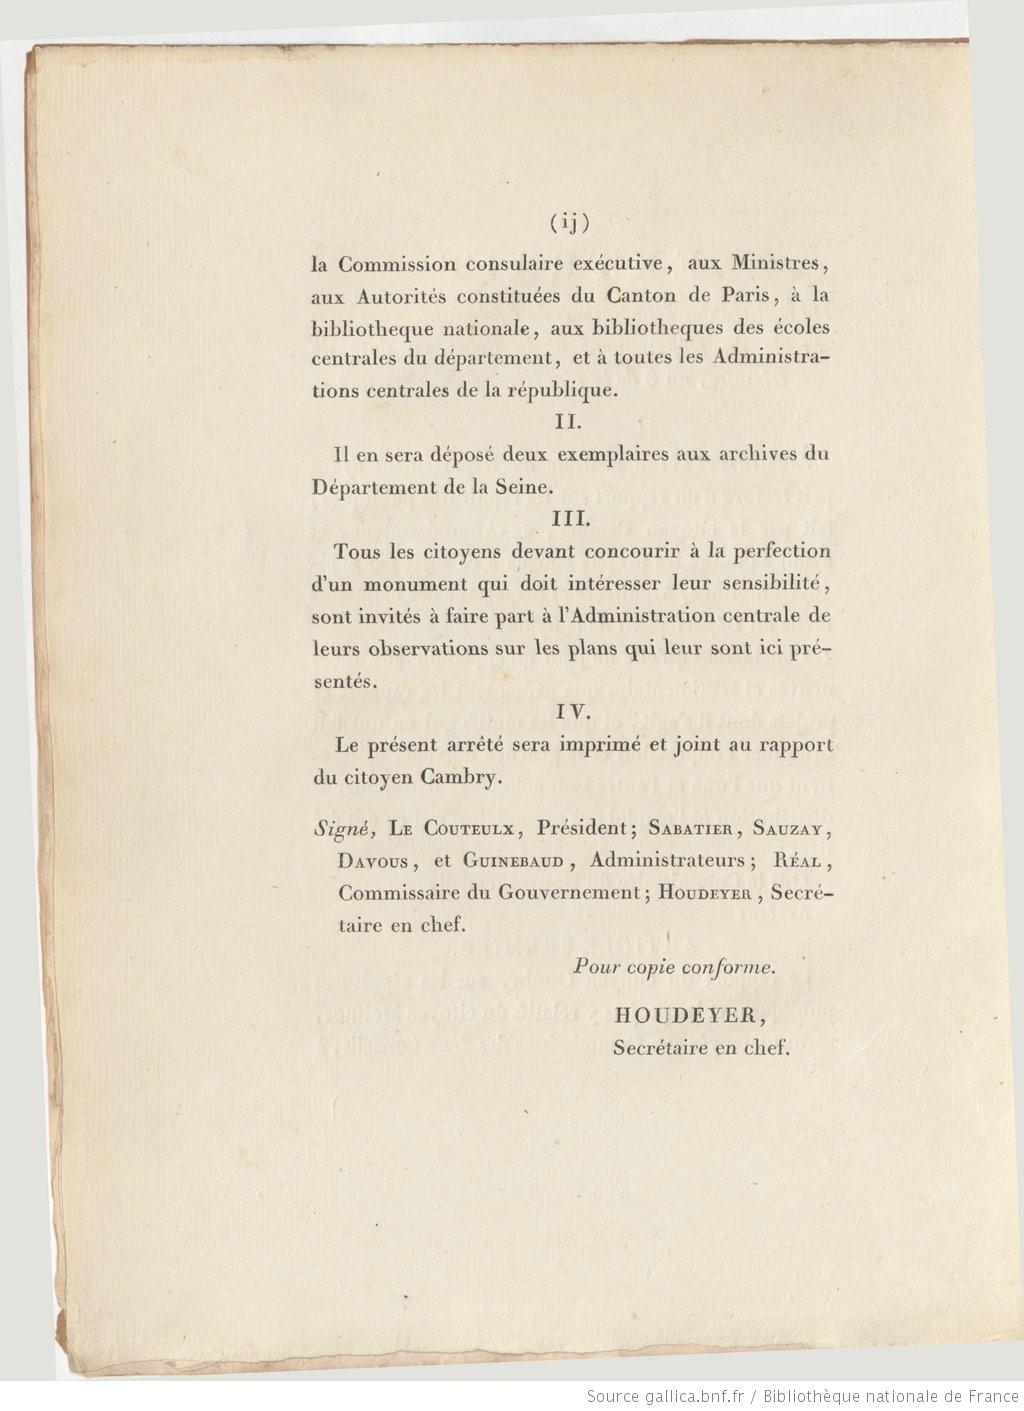 Rapport_sur_les_sépultures_présenté_[...]Cambry_Jacques_bpt6k6523825g (20)